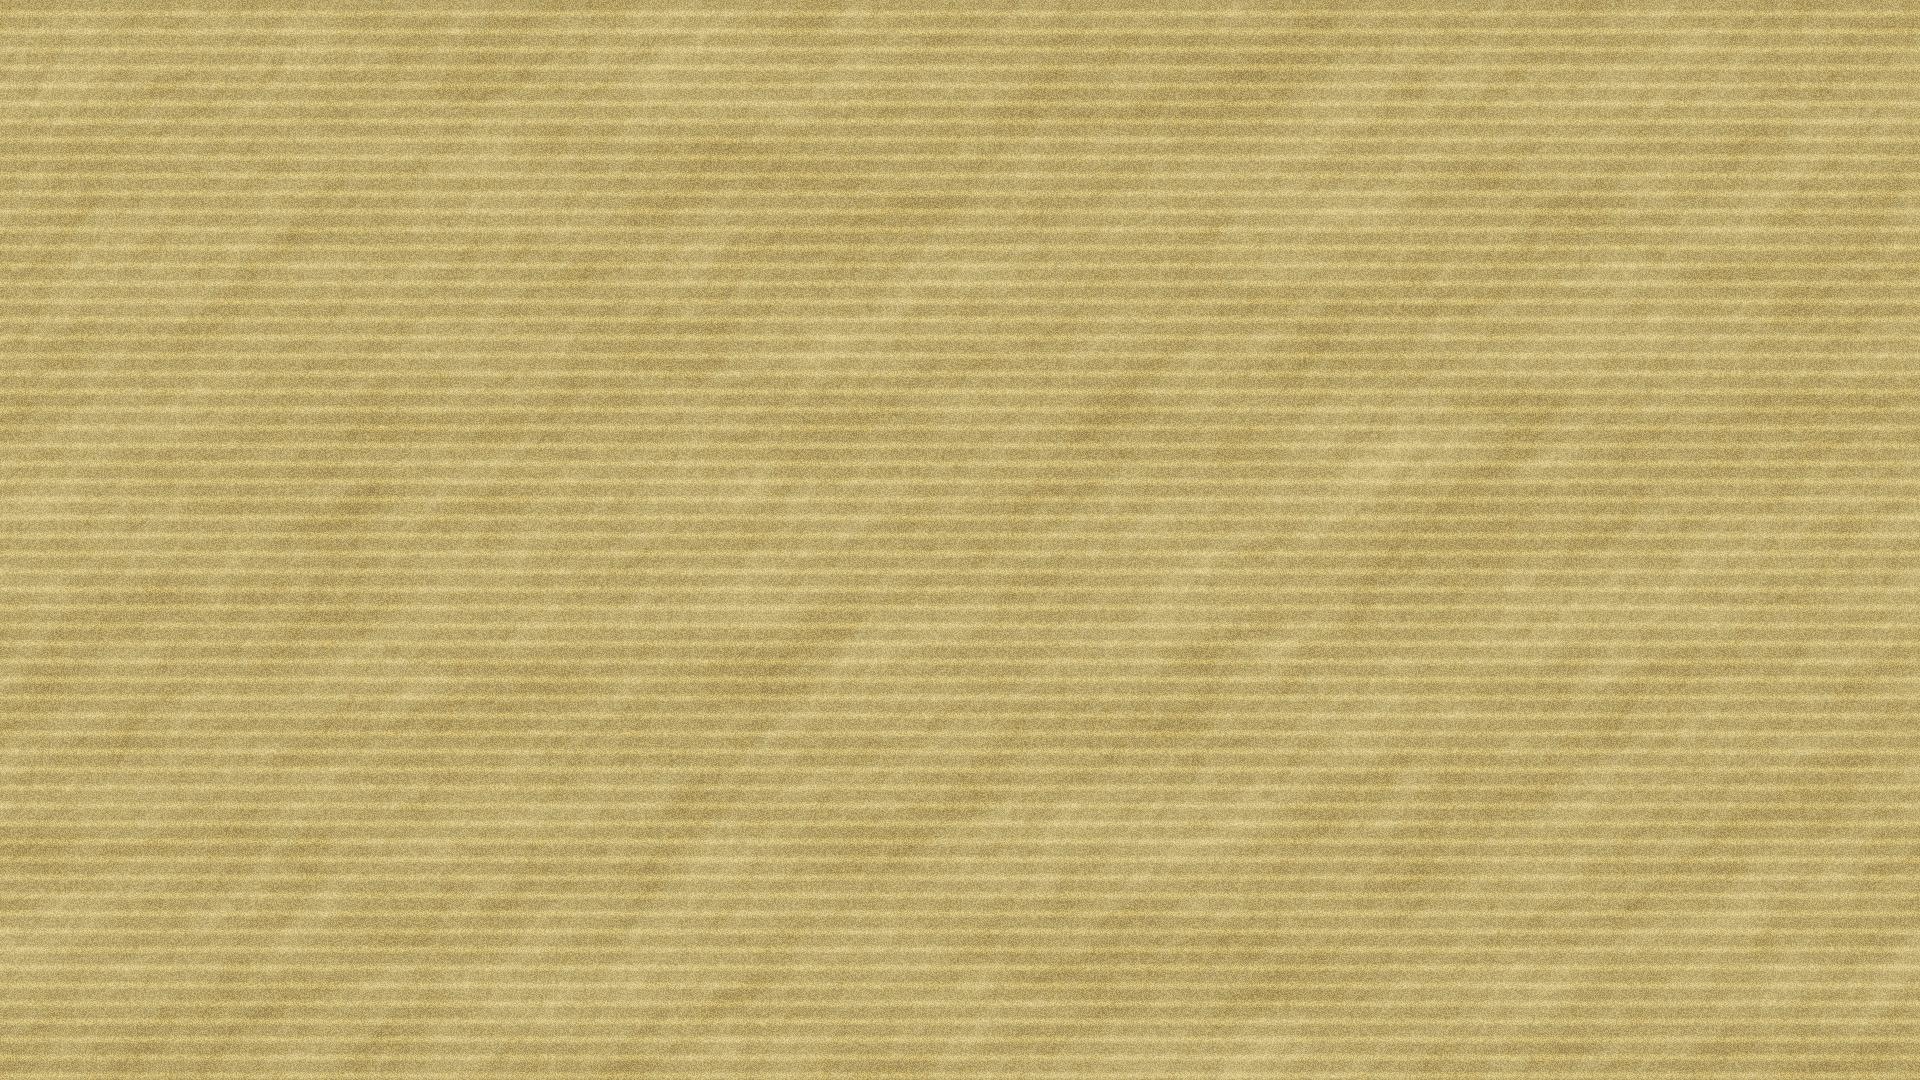 クラフト封筒模様 壁紙背景画像